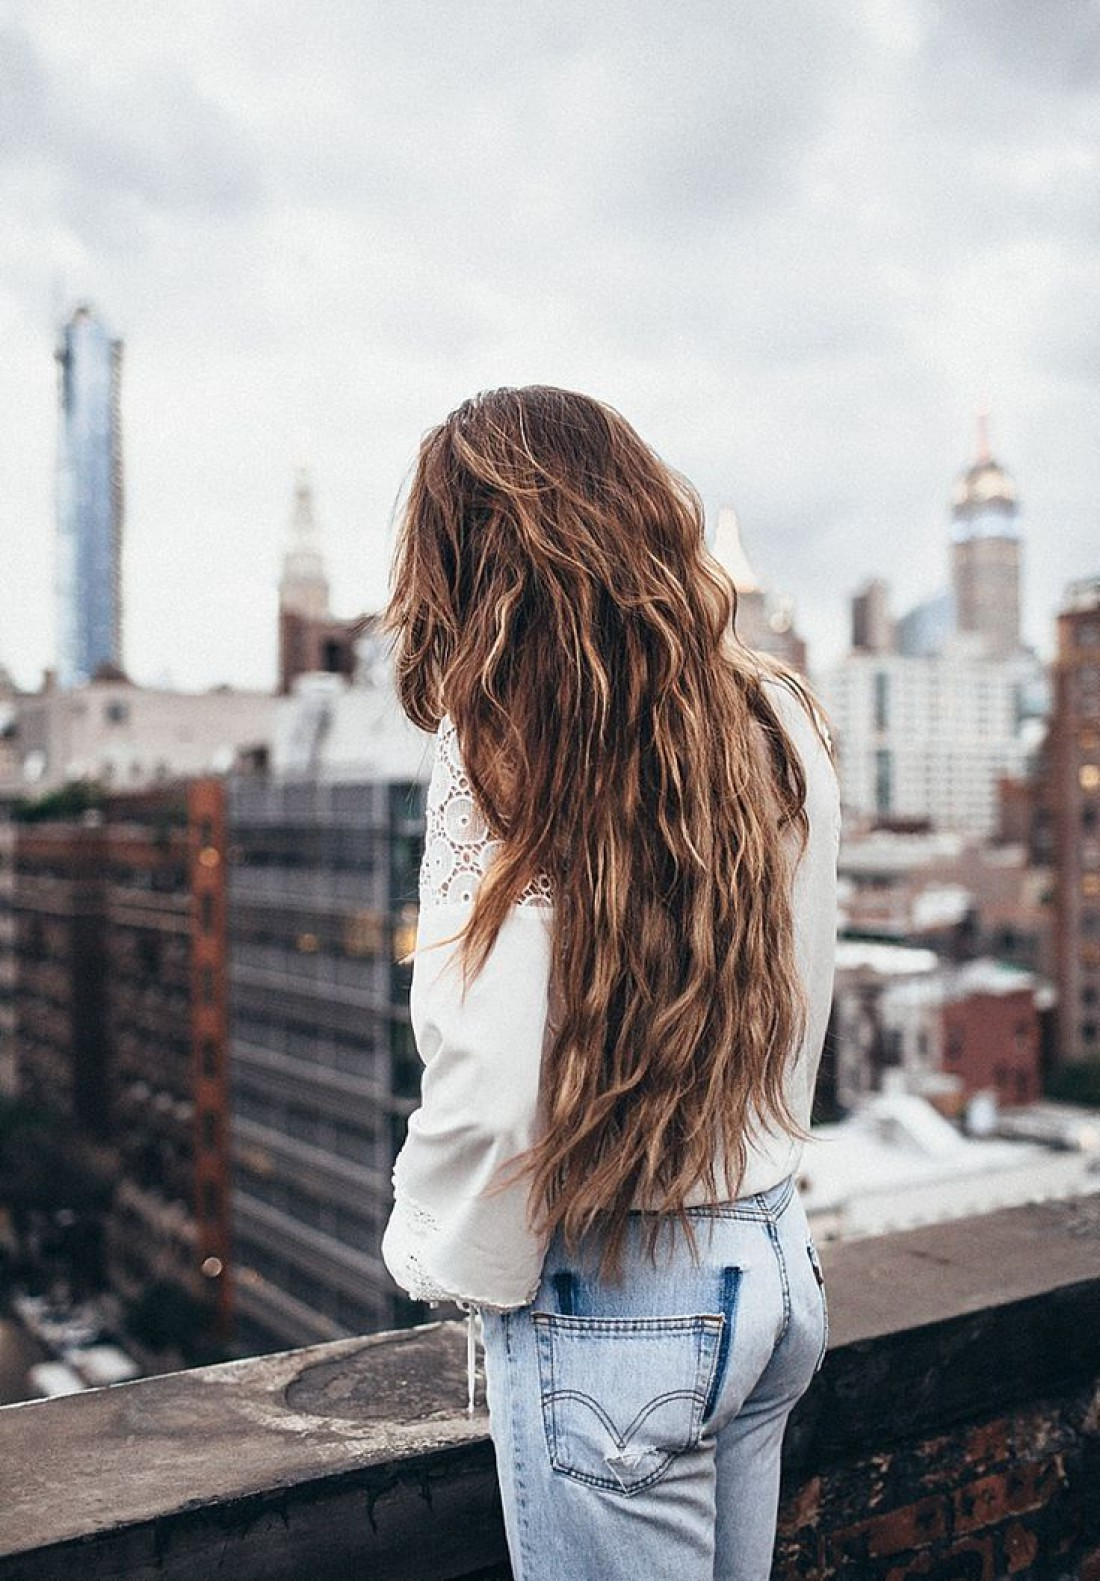 С нашими советами отрастить волосы не составит труда